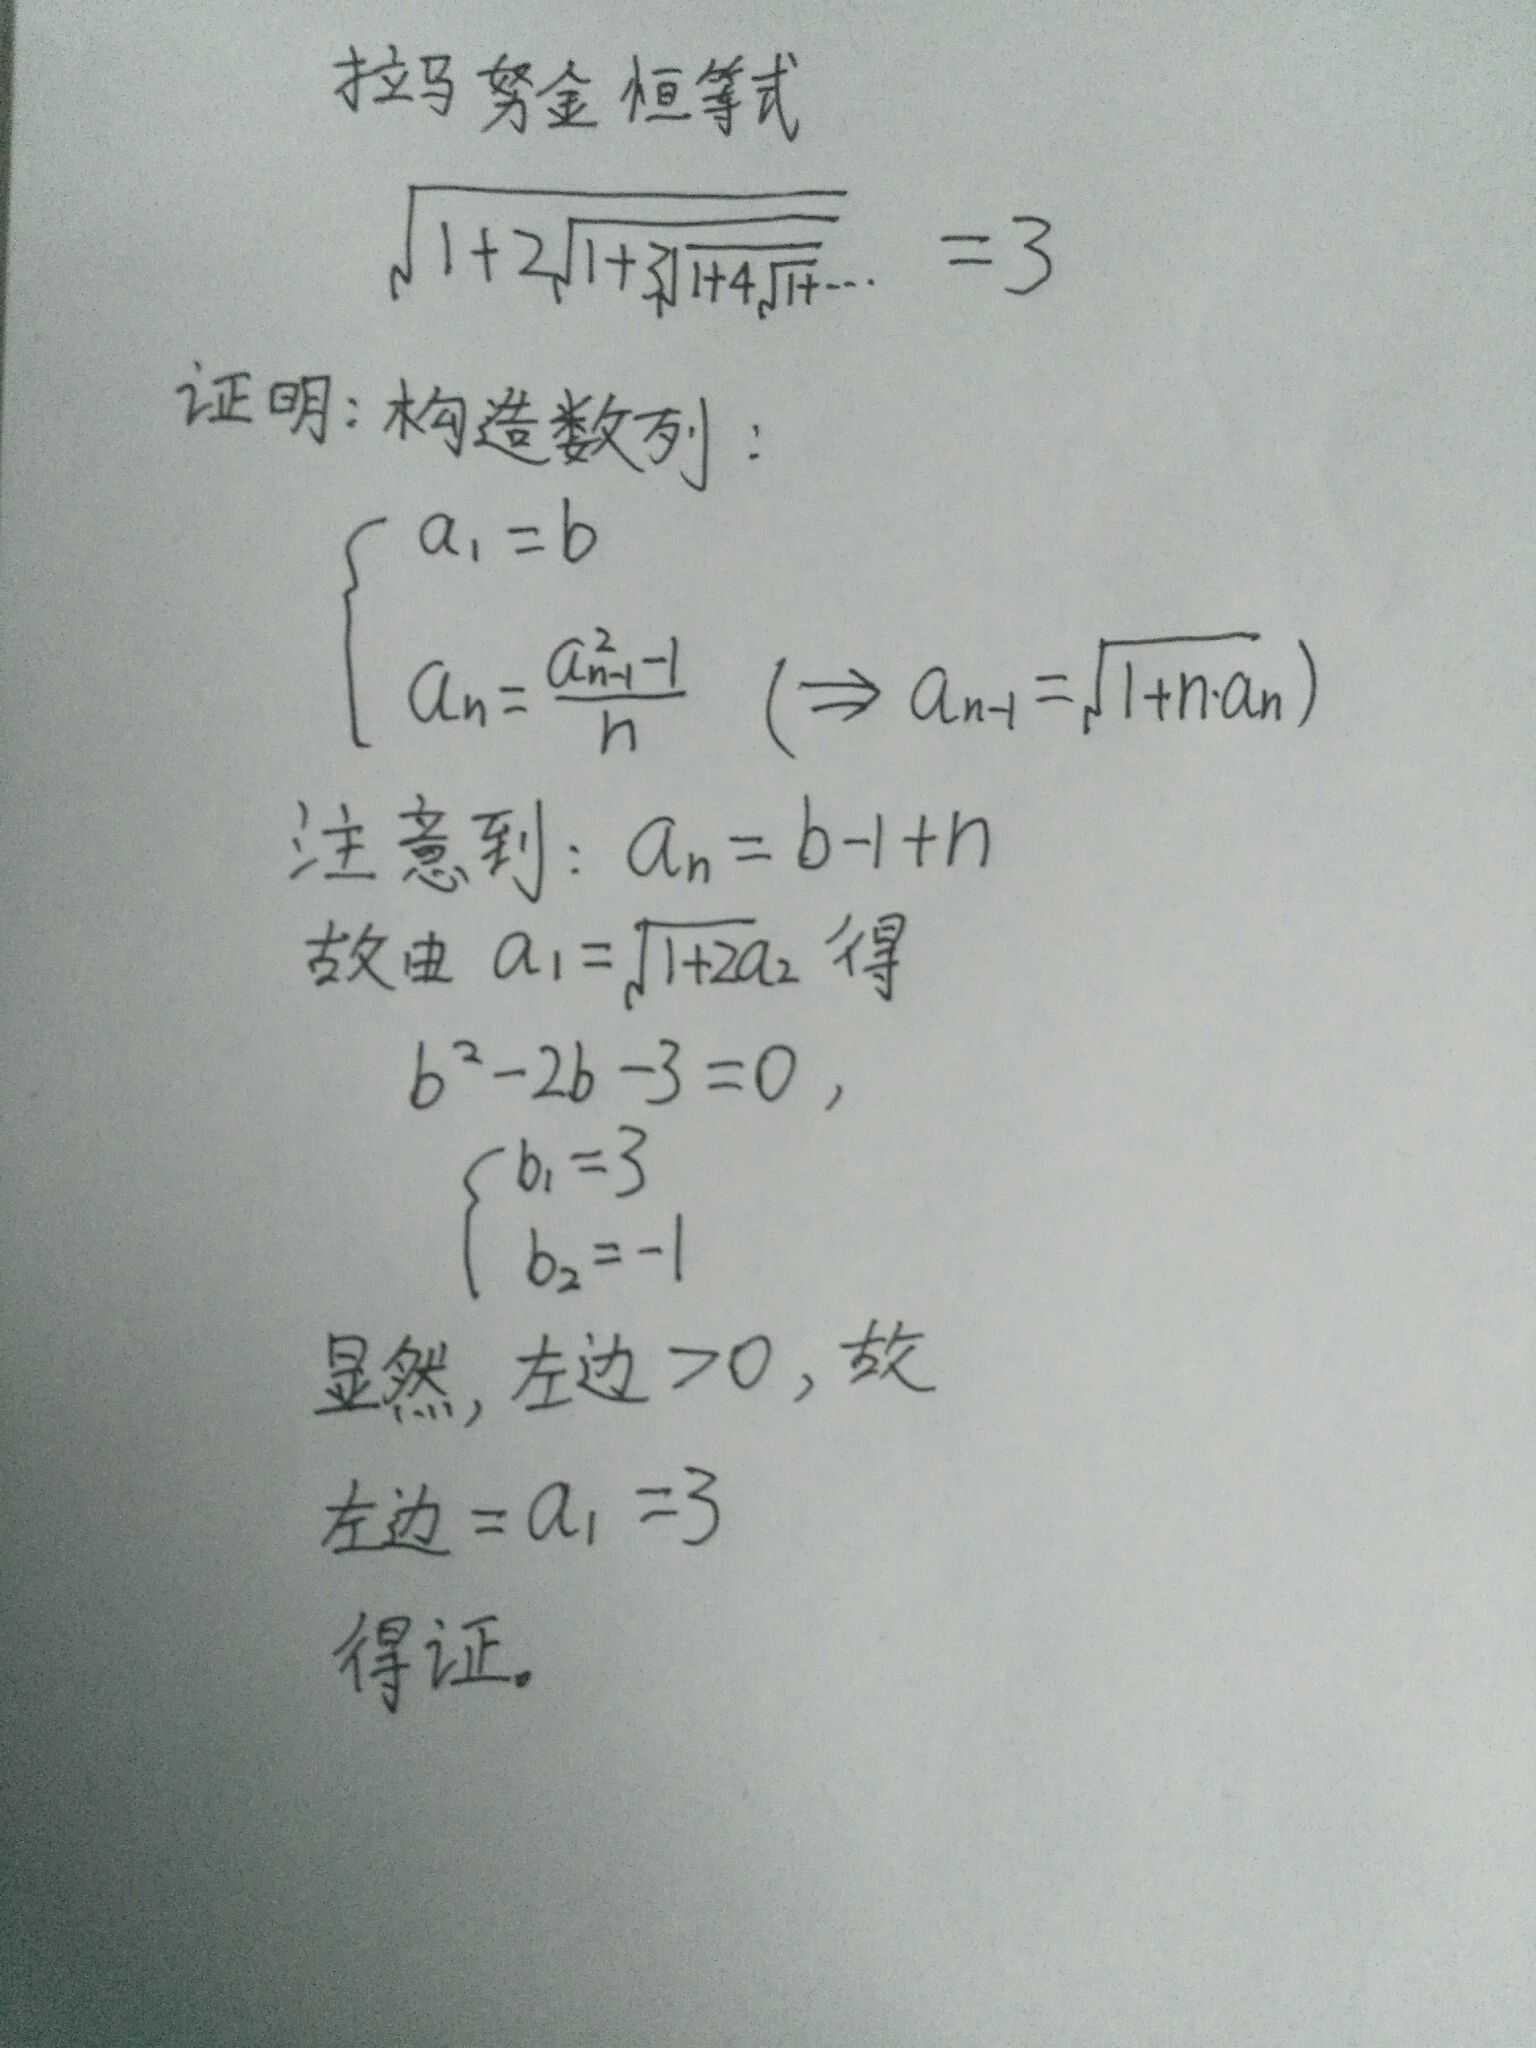 看到有人写了拉马努金恒等式,那我来个不一样的证法(题主大一,有不当